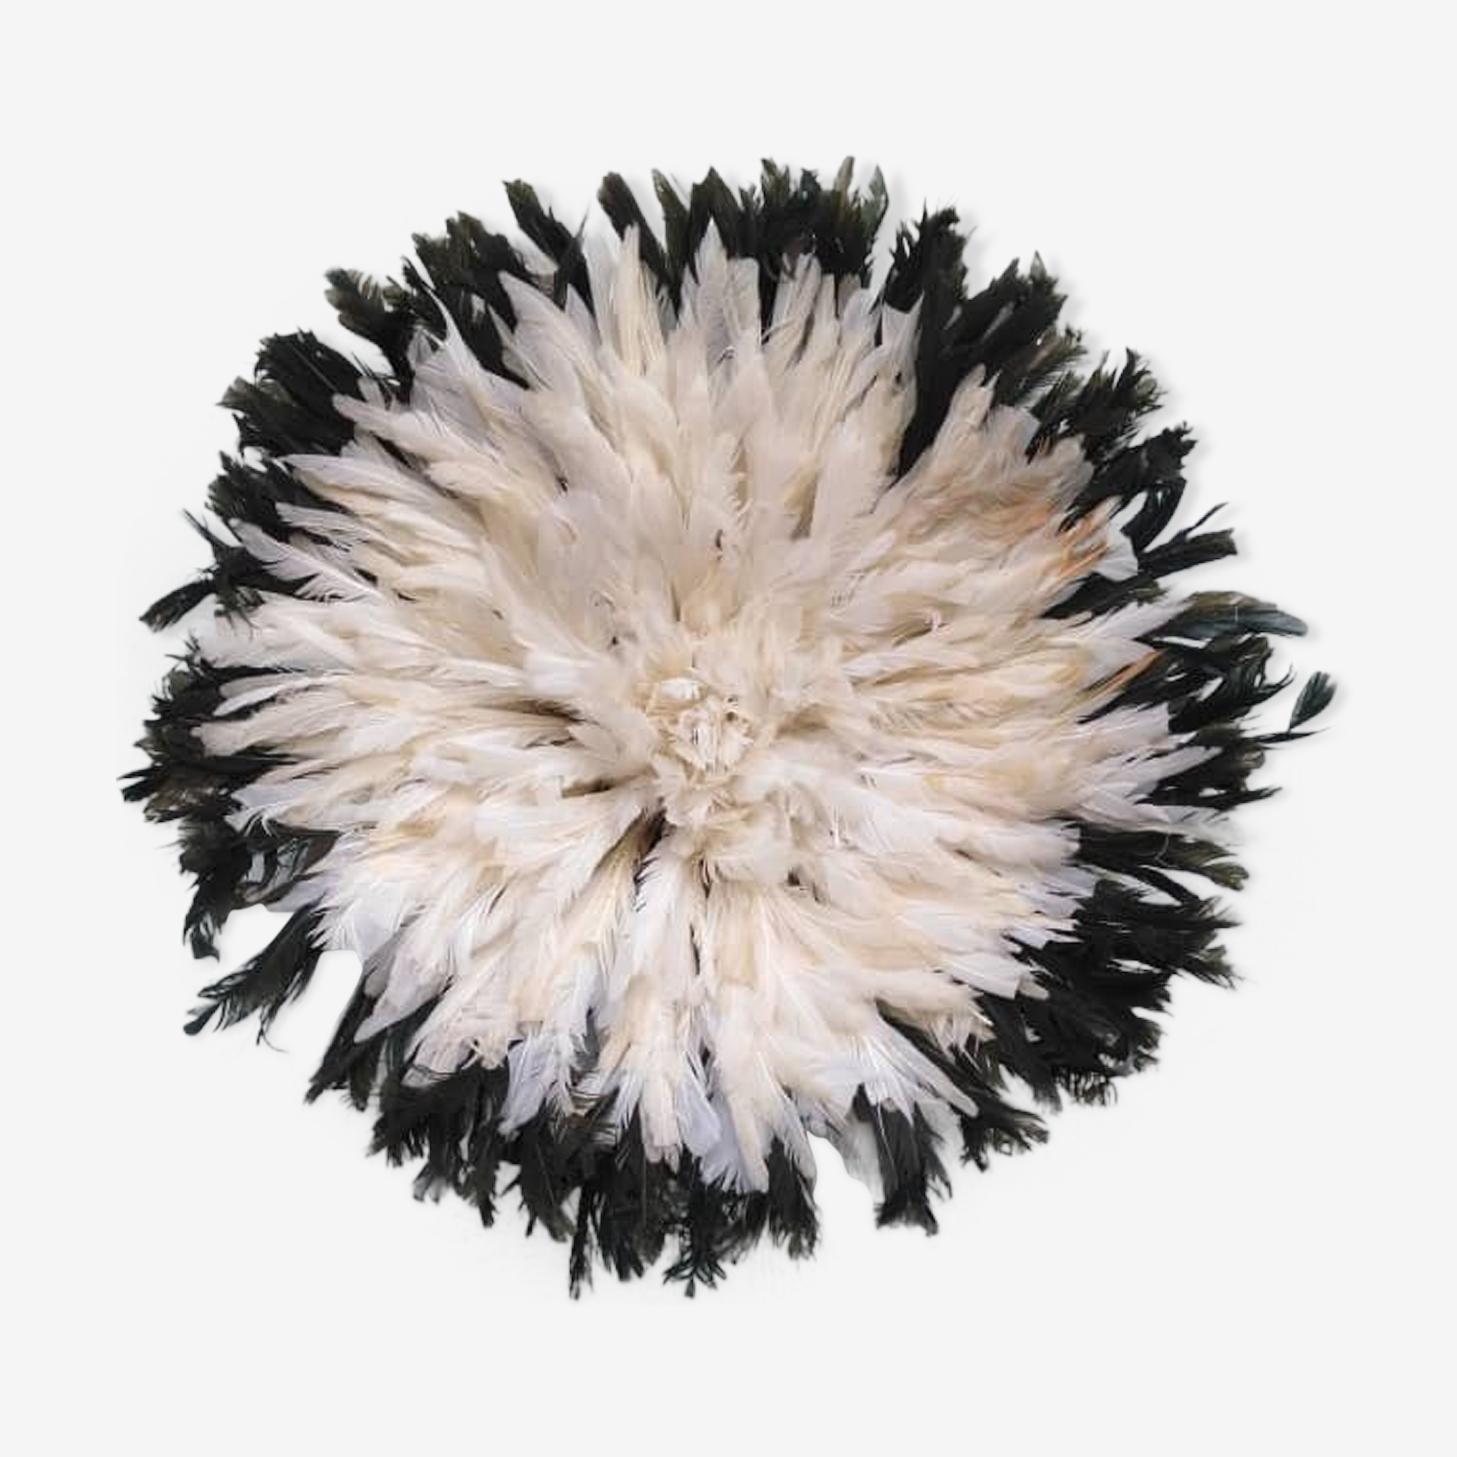 Juju hat blanc contour noir de 50 cm